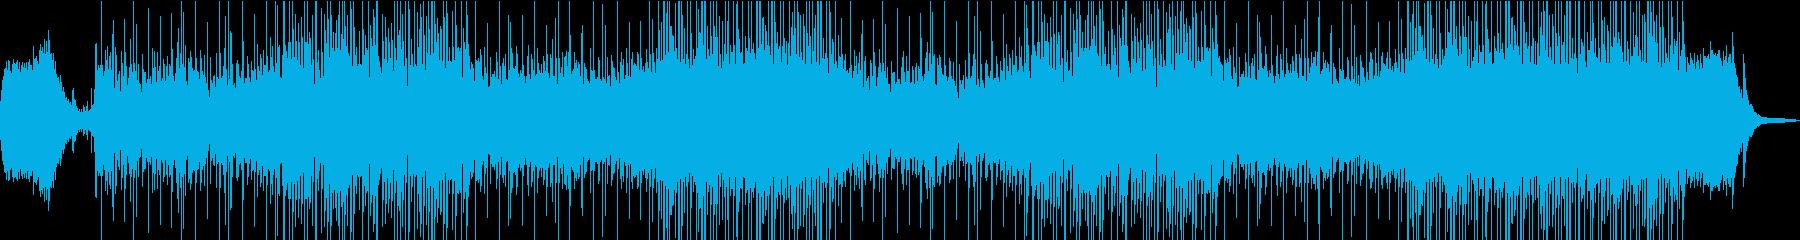 代替案 ポップ ロック 現代的 交...の再生済みの波形